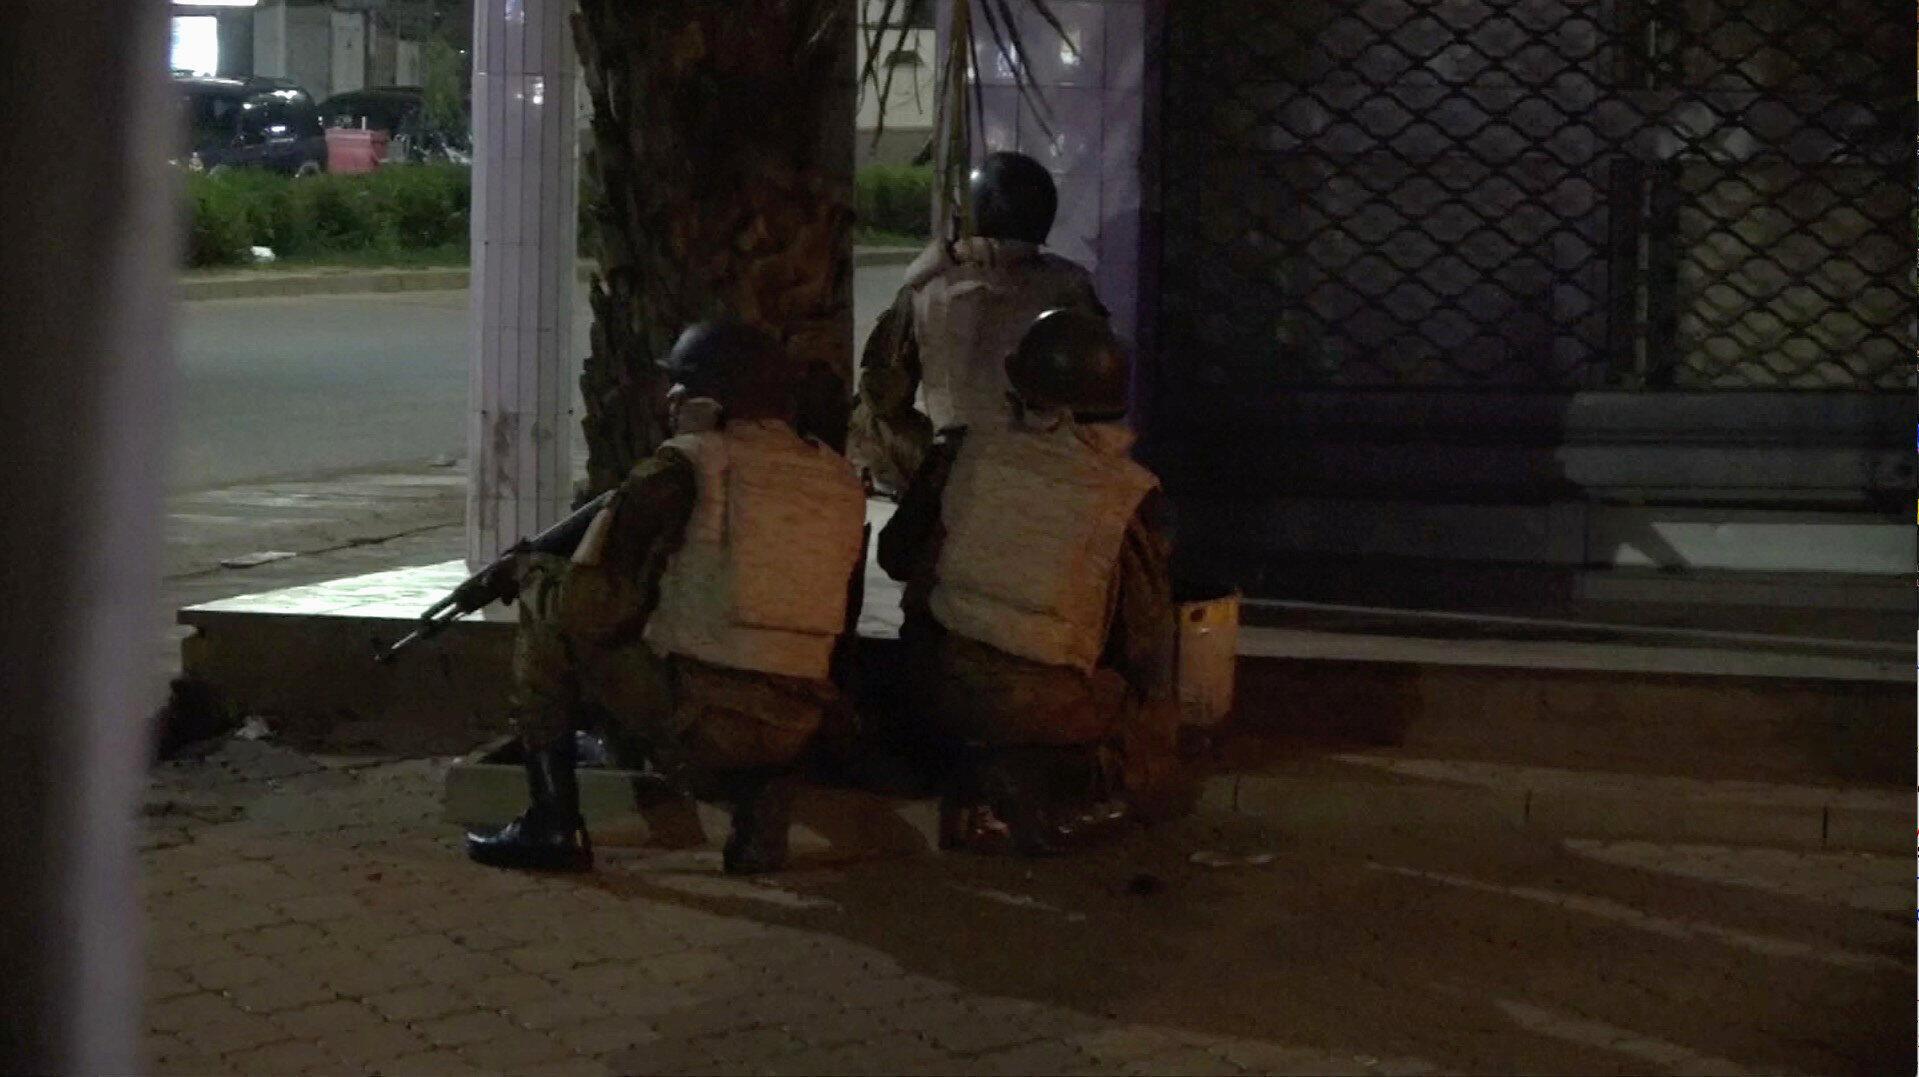 Le quartier du café-restaurant Aziz Istanbul où a eu lieu l'attaque pendant la nuit du 13 au 14 août est bouclé par les forces de sécurité.